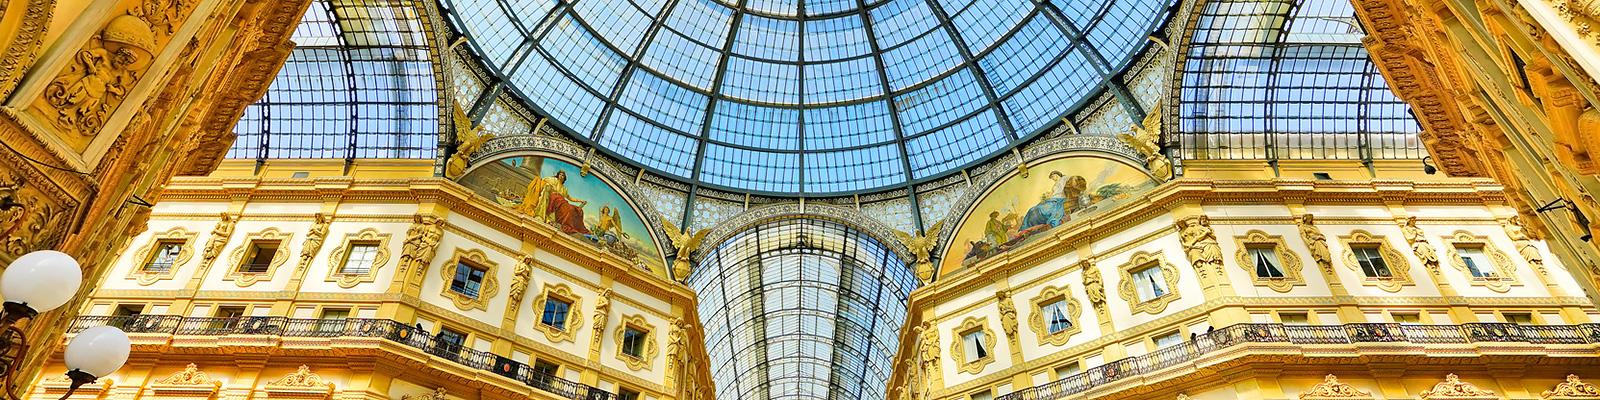 建物 天井 イメージ